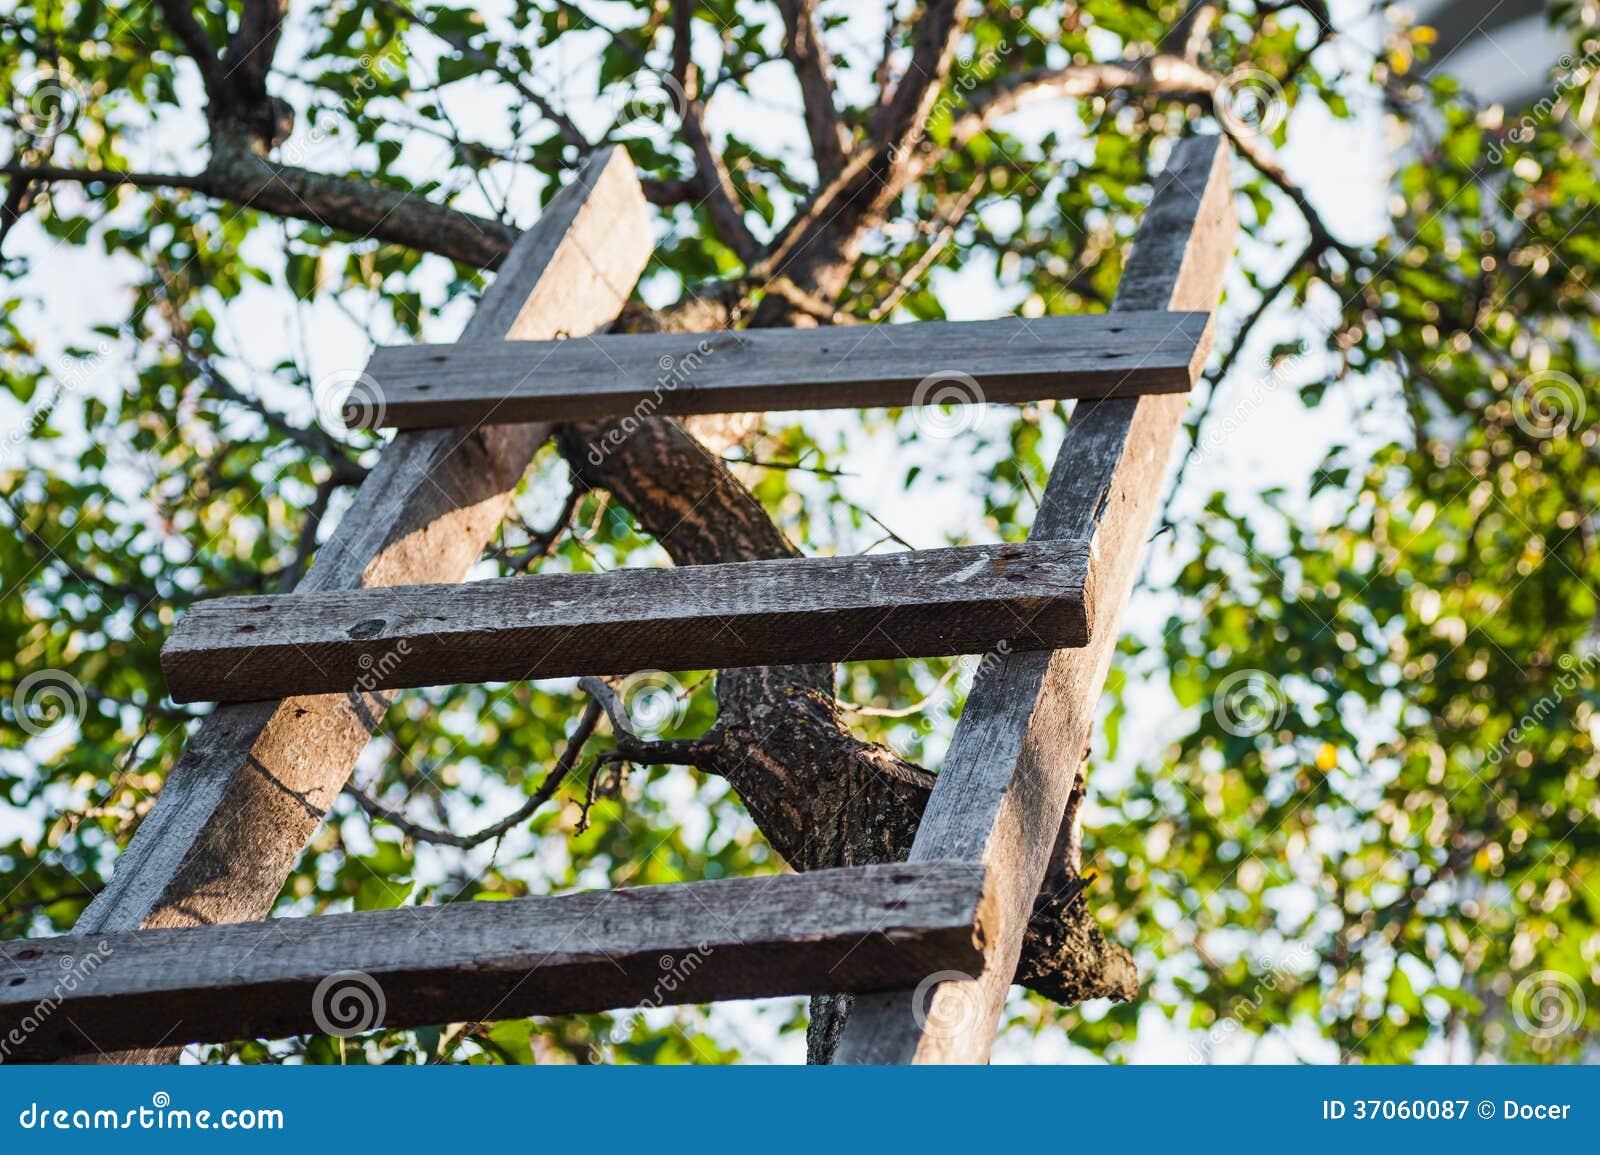 Scala reale all 39 albero da frutto in giardino verde - Albero da giardino ...